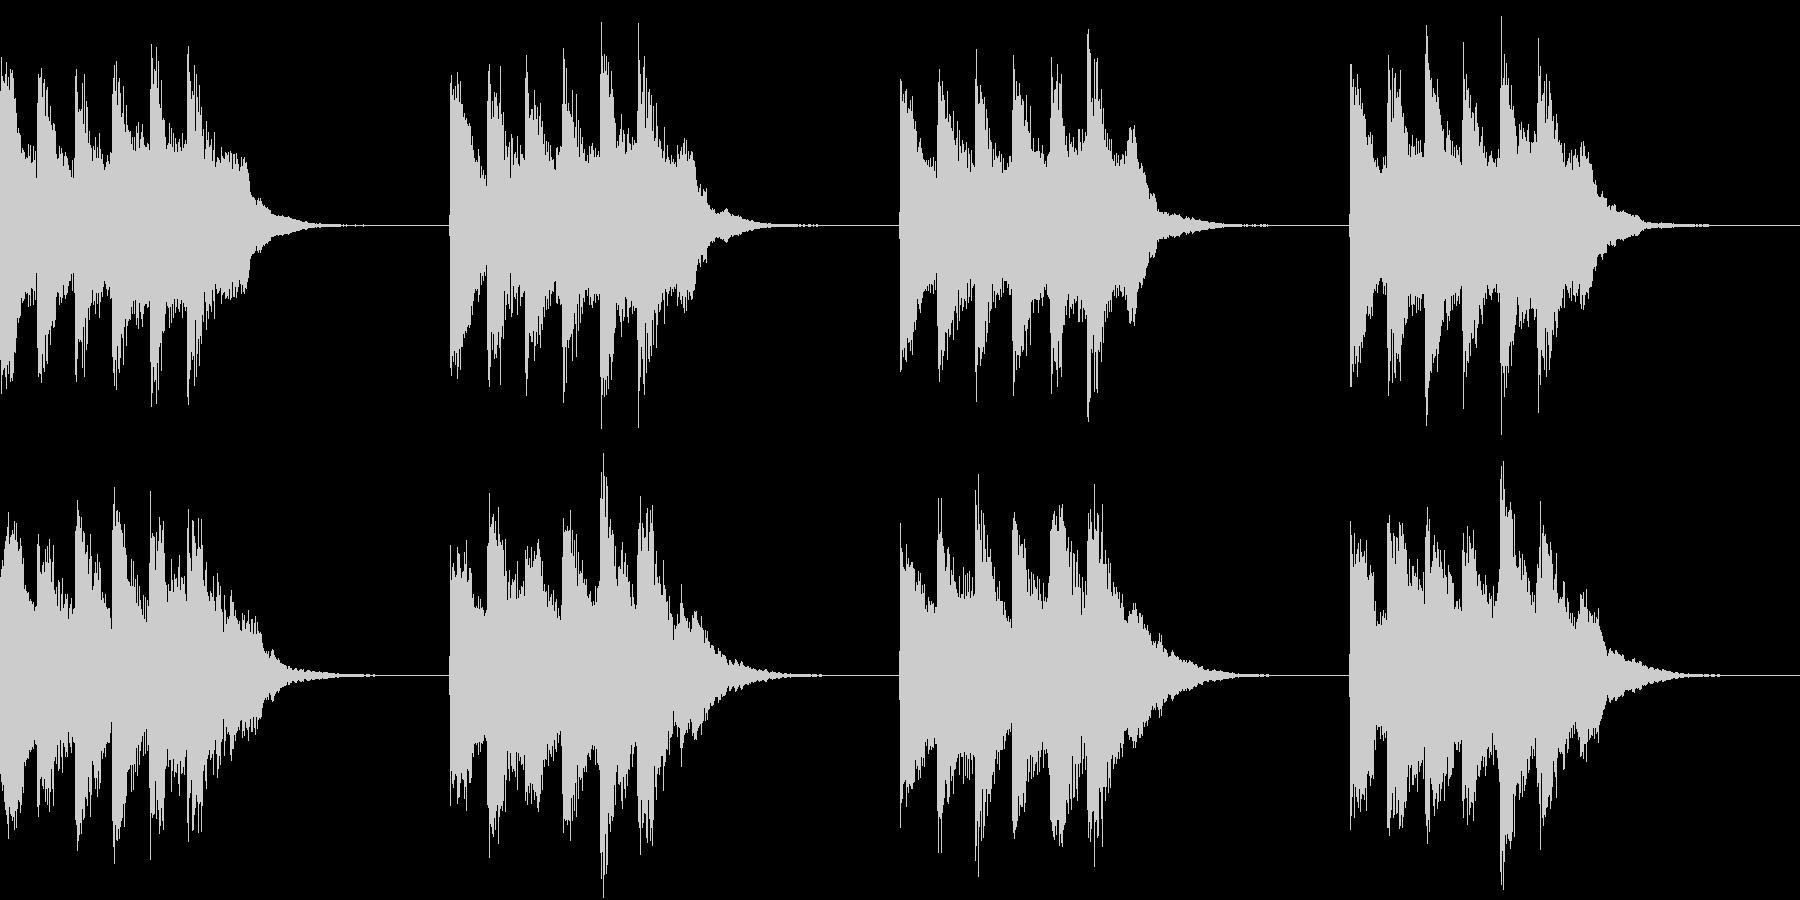 シンプル ベル 着信音 チャイム A-5の未再生の波形